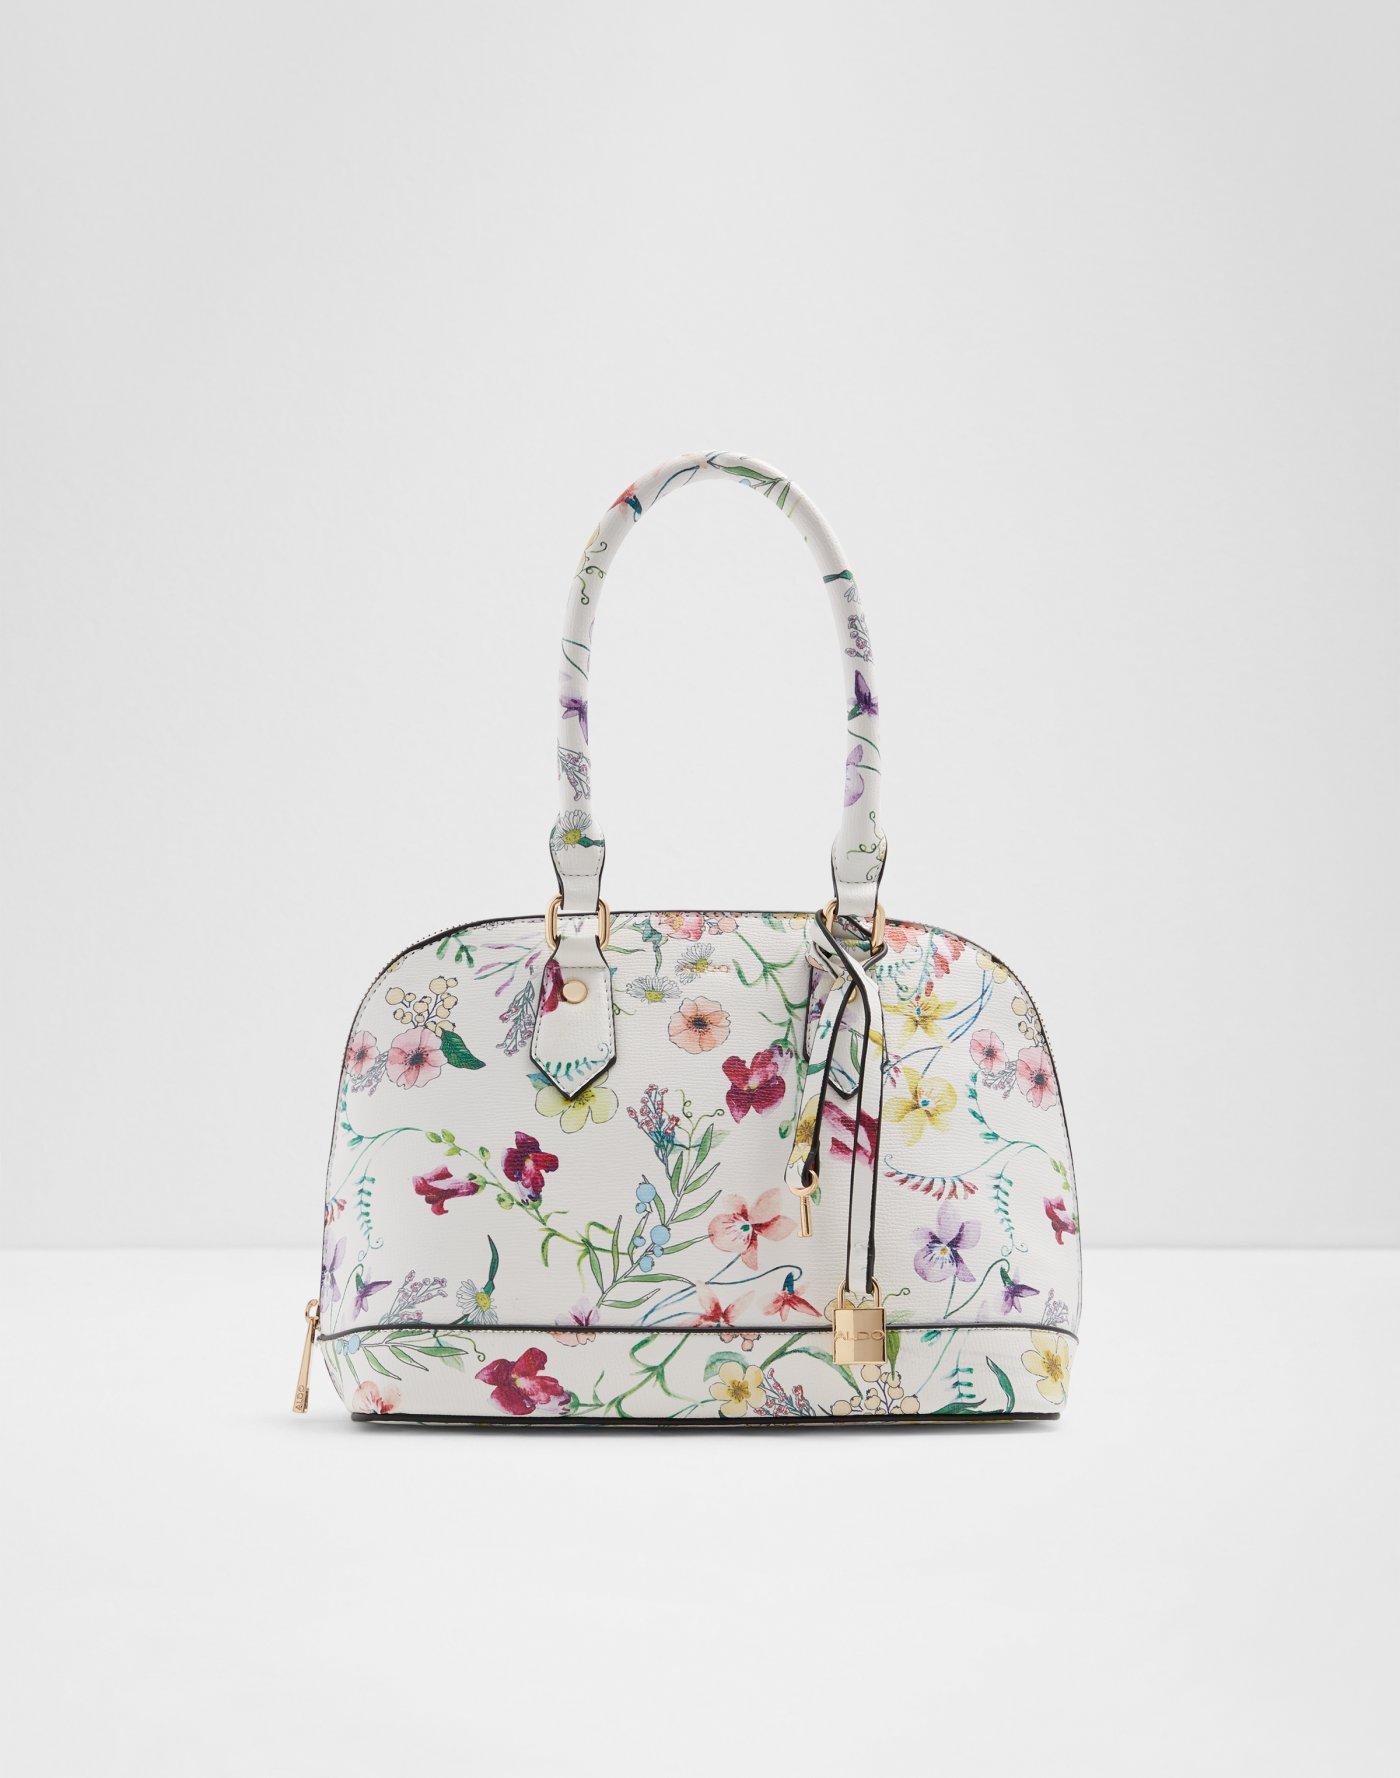 173362c5e39 All Handbags | Aldoshoes.com US